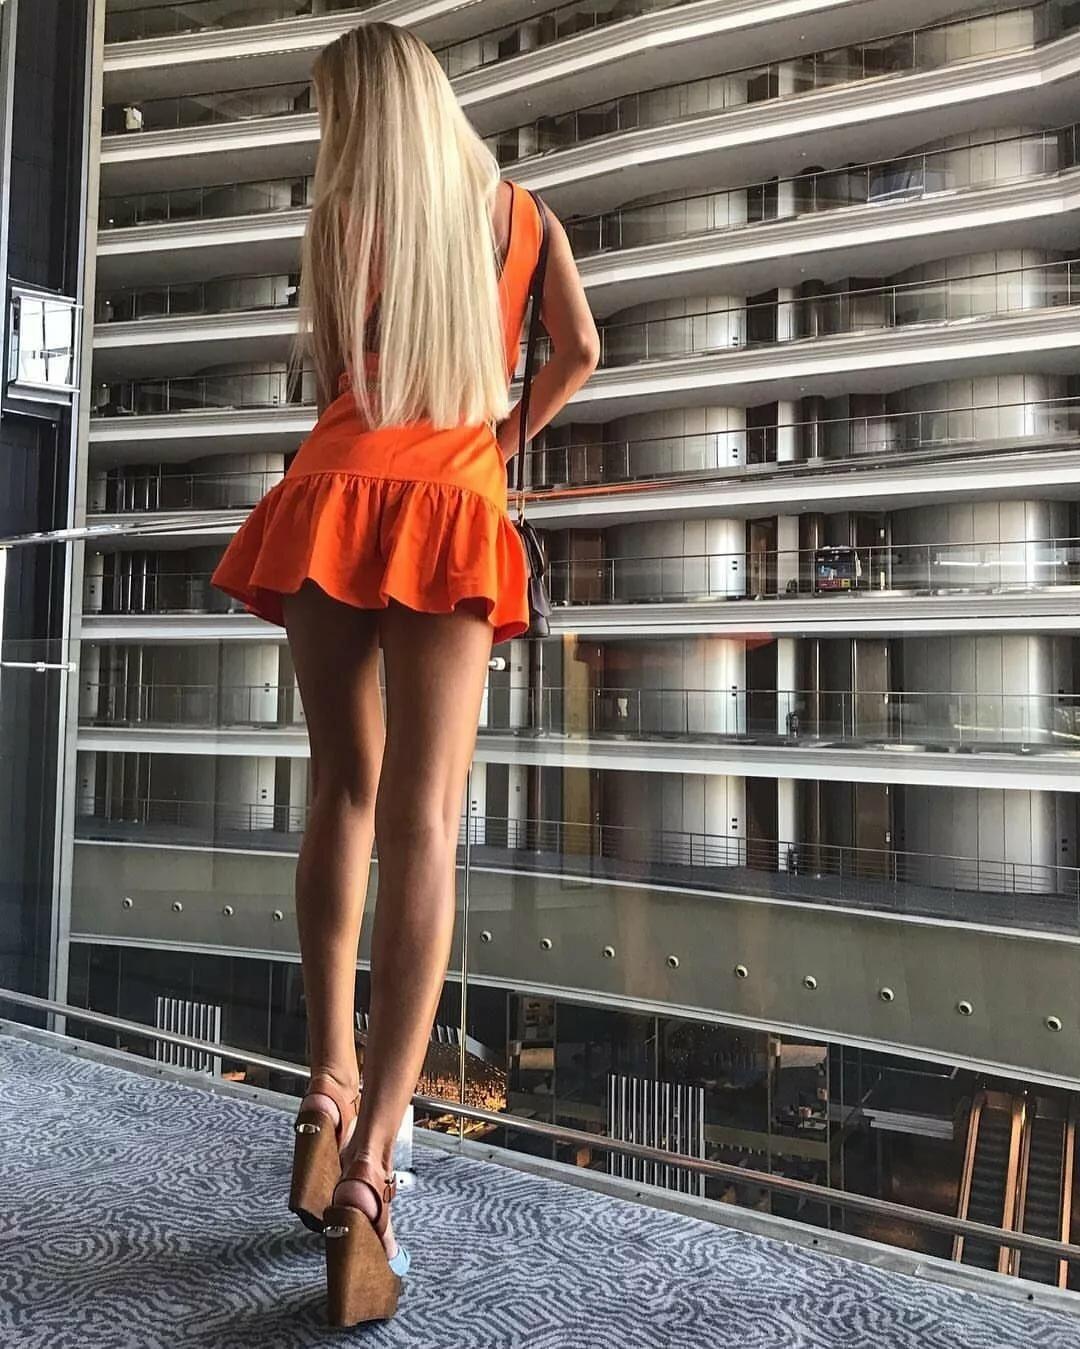 сексуальная девушка с длинными ногами фото - 4